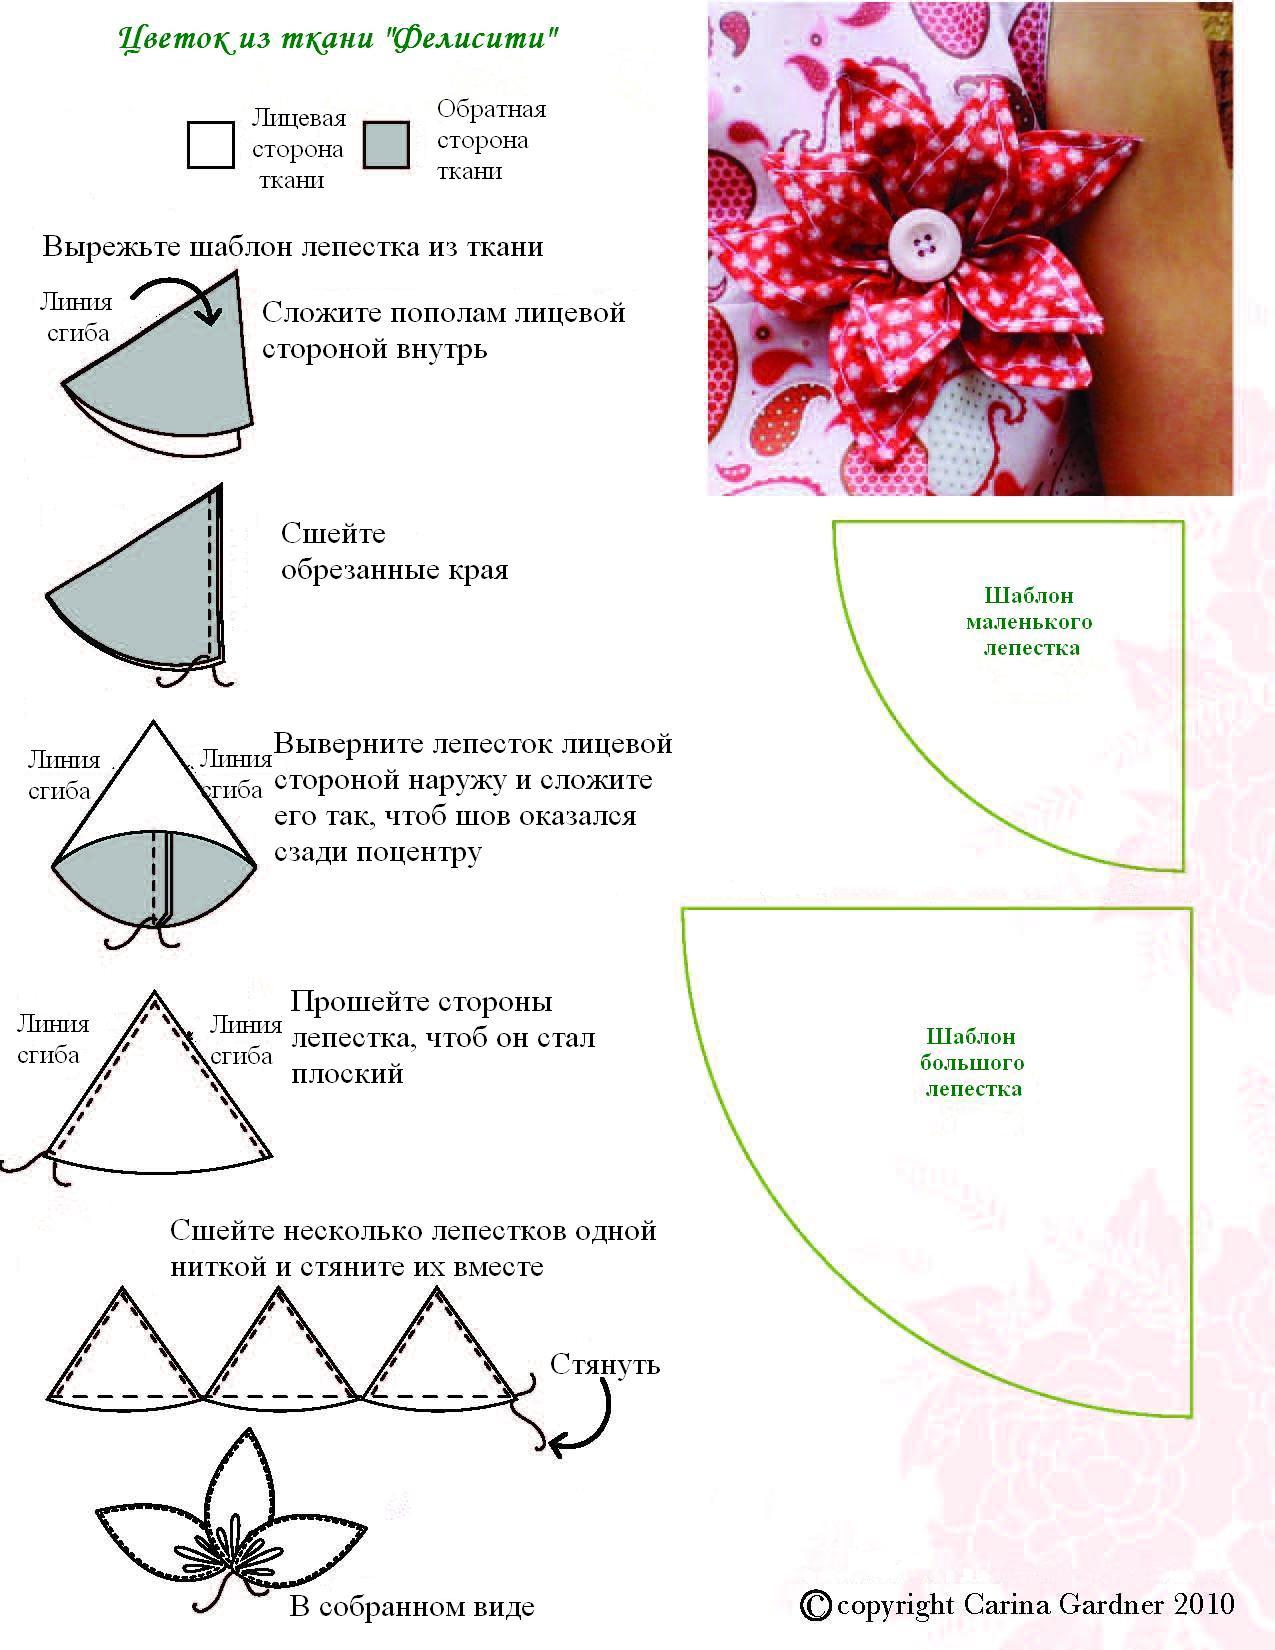 Инструкция как делать цветы из ткани своими руками